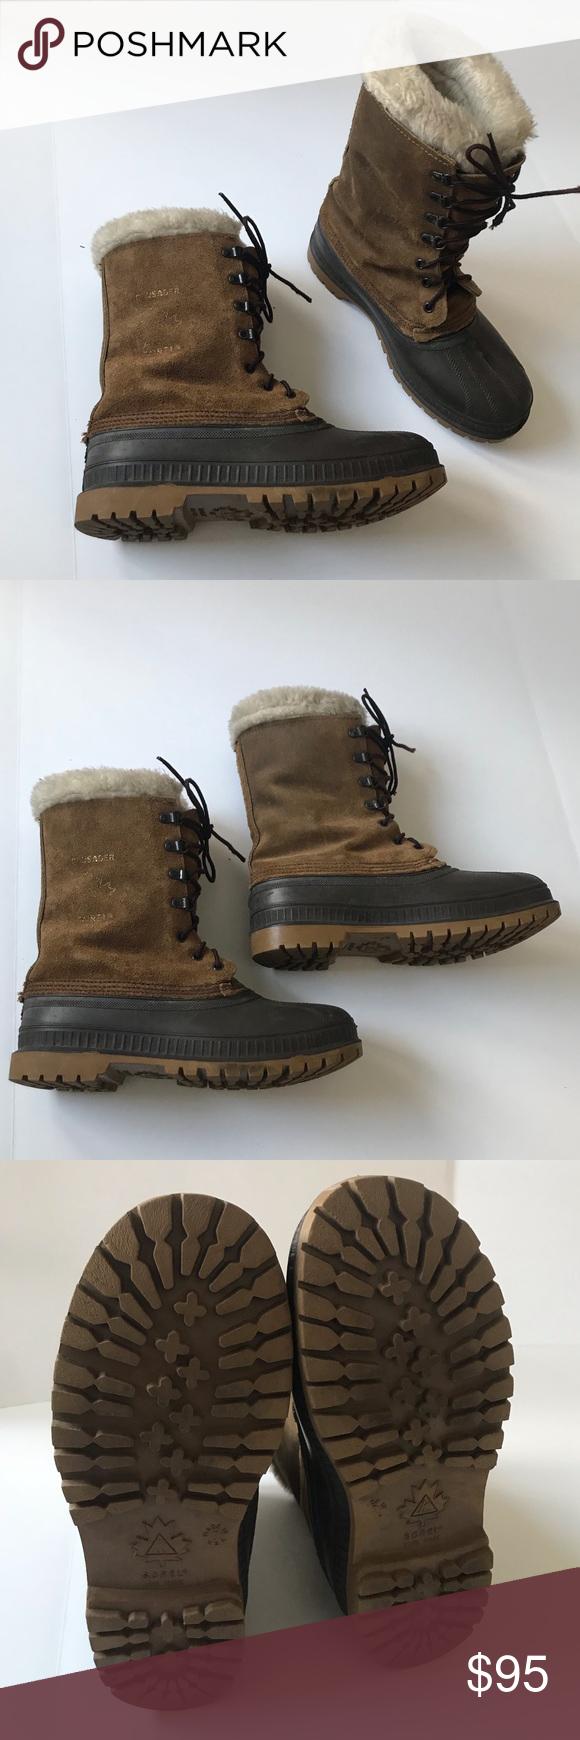 Sorel Boots Size 7 Steel Shank Winter